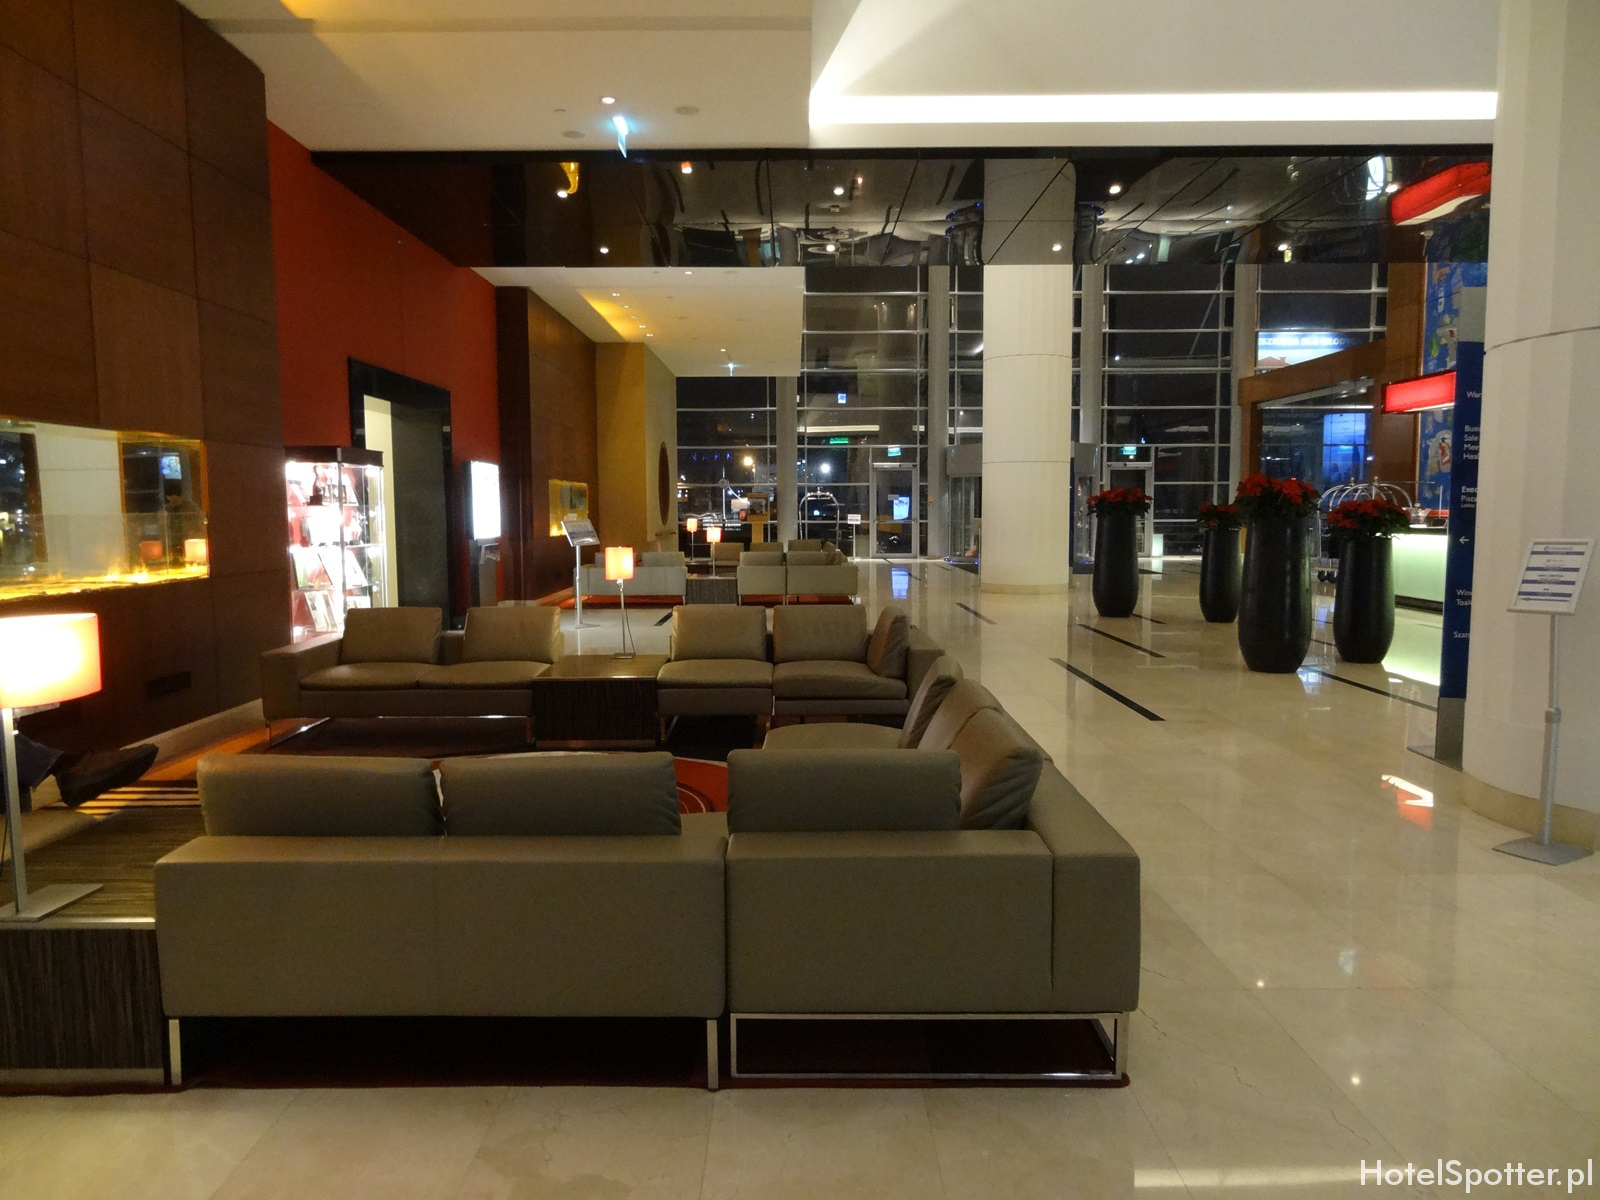 Hilton Warsaw Hotel - lobby